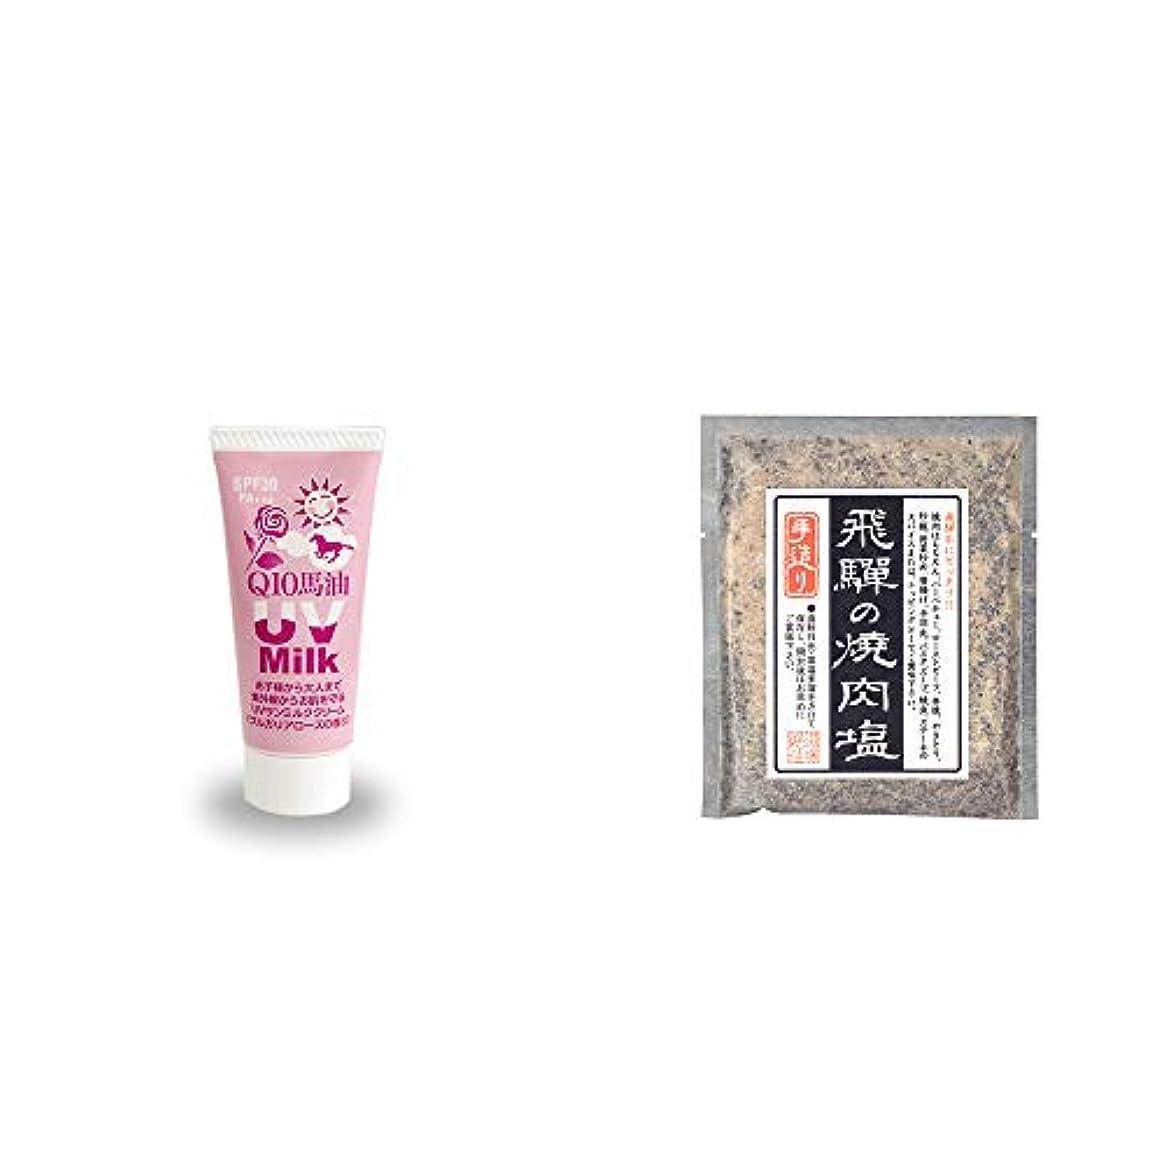 [2点セット] 炭黒泉 Q10馬油 UVサンミルク[ブルガリアローズ](40g)?手造り 飛騨の焼肉塩(80g)